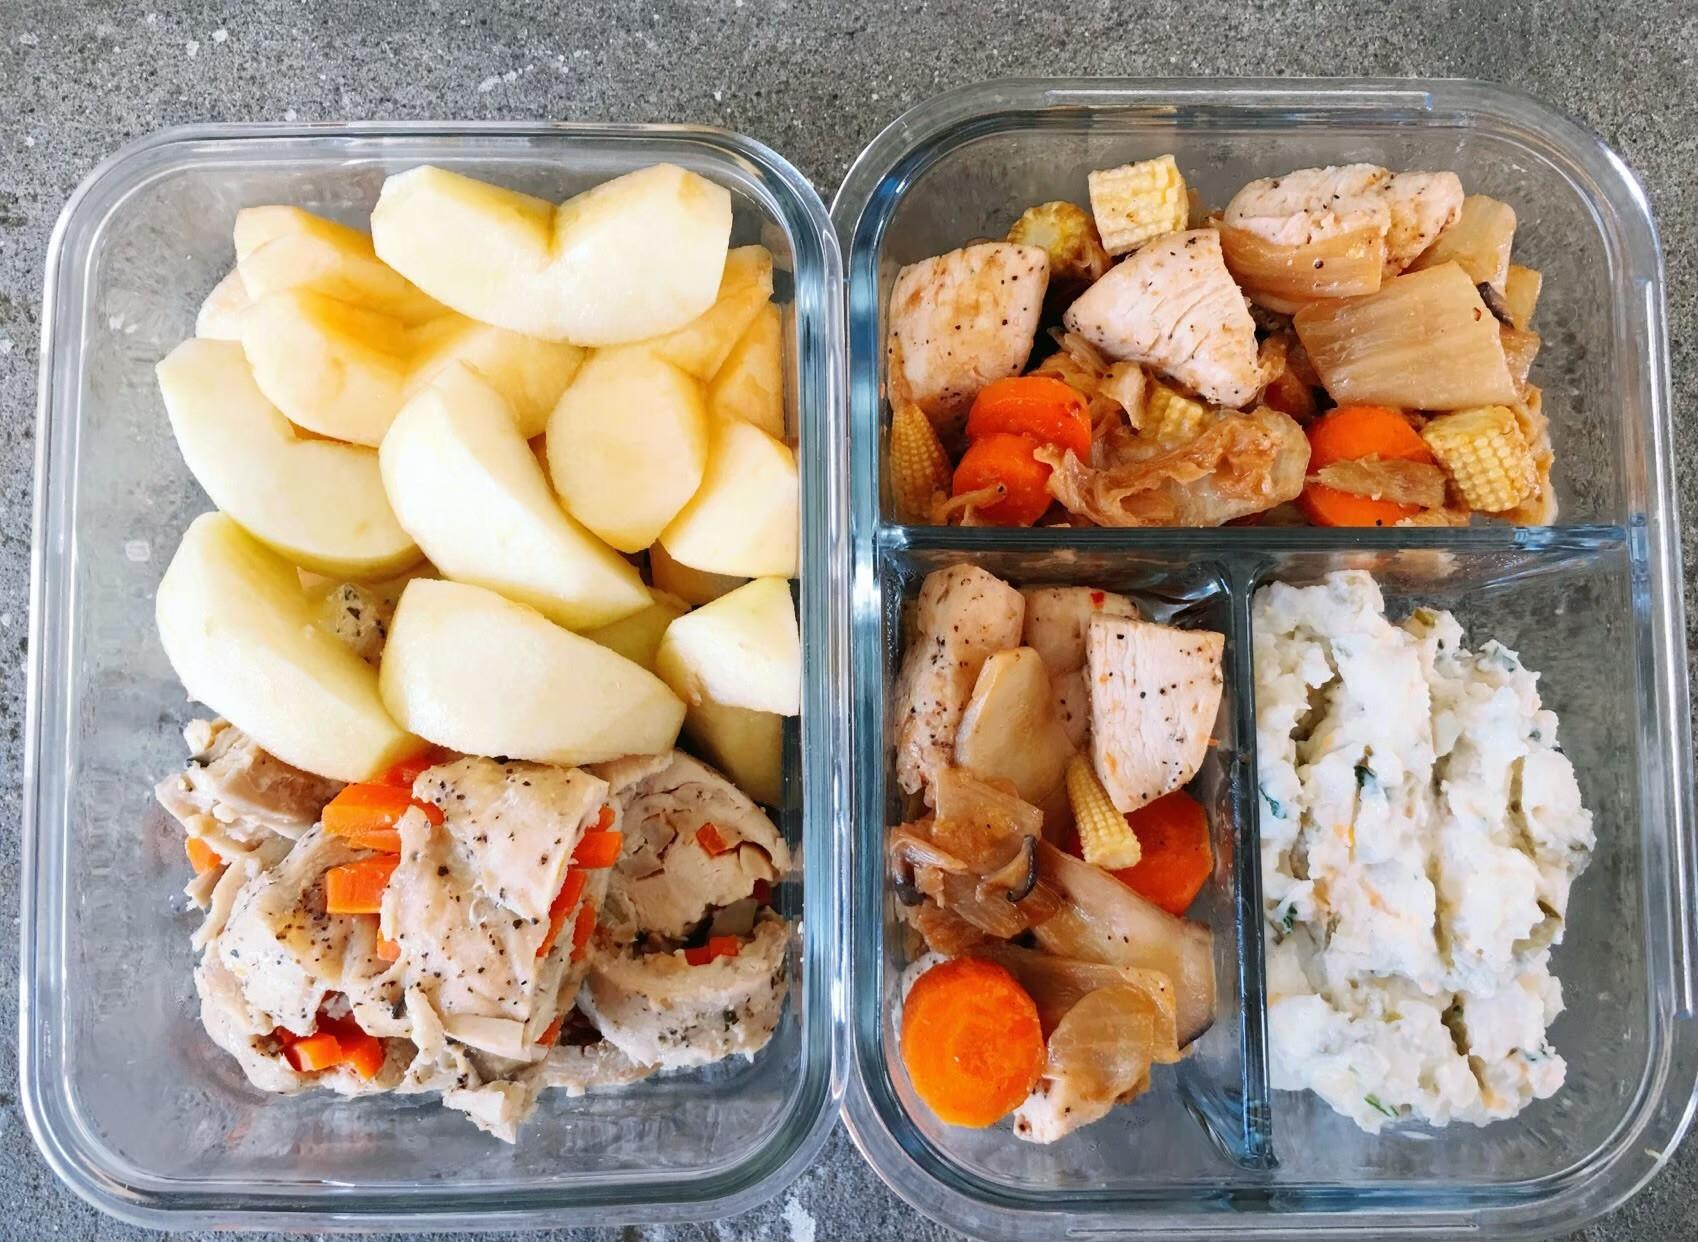 減脂飲食應以原形食物為主